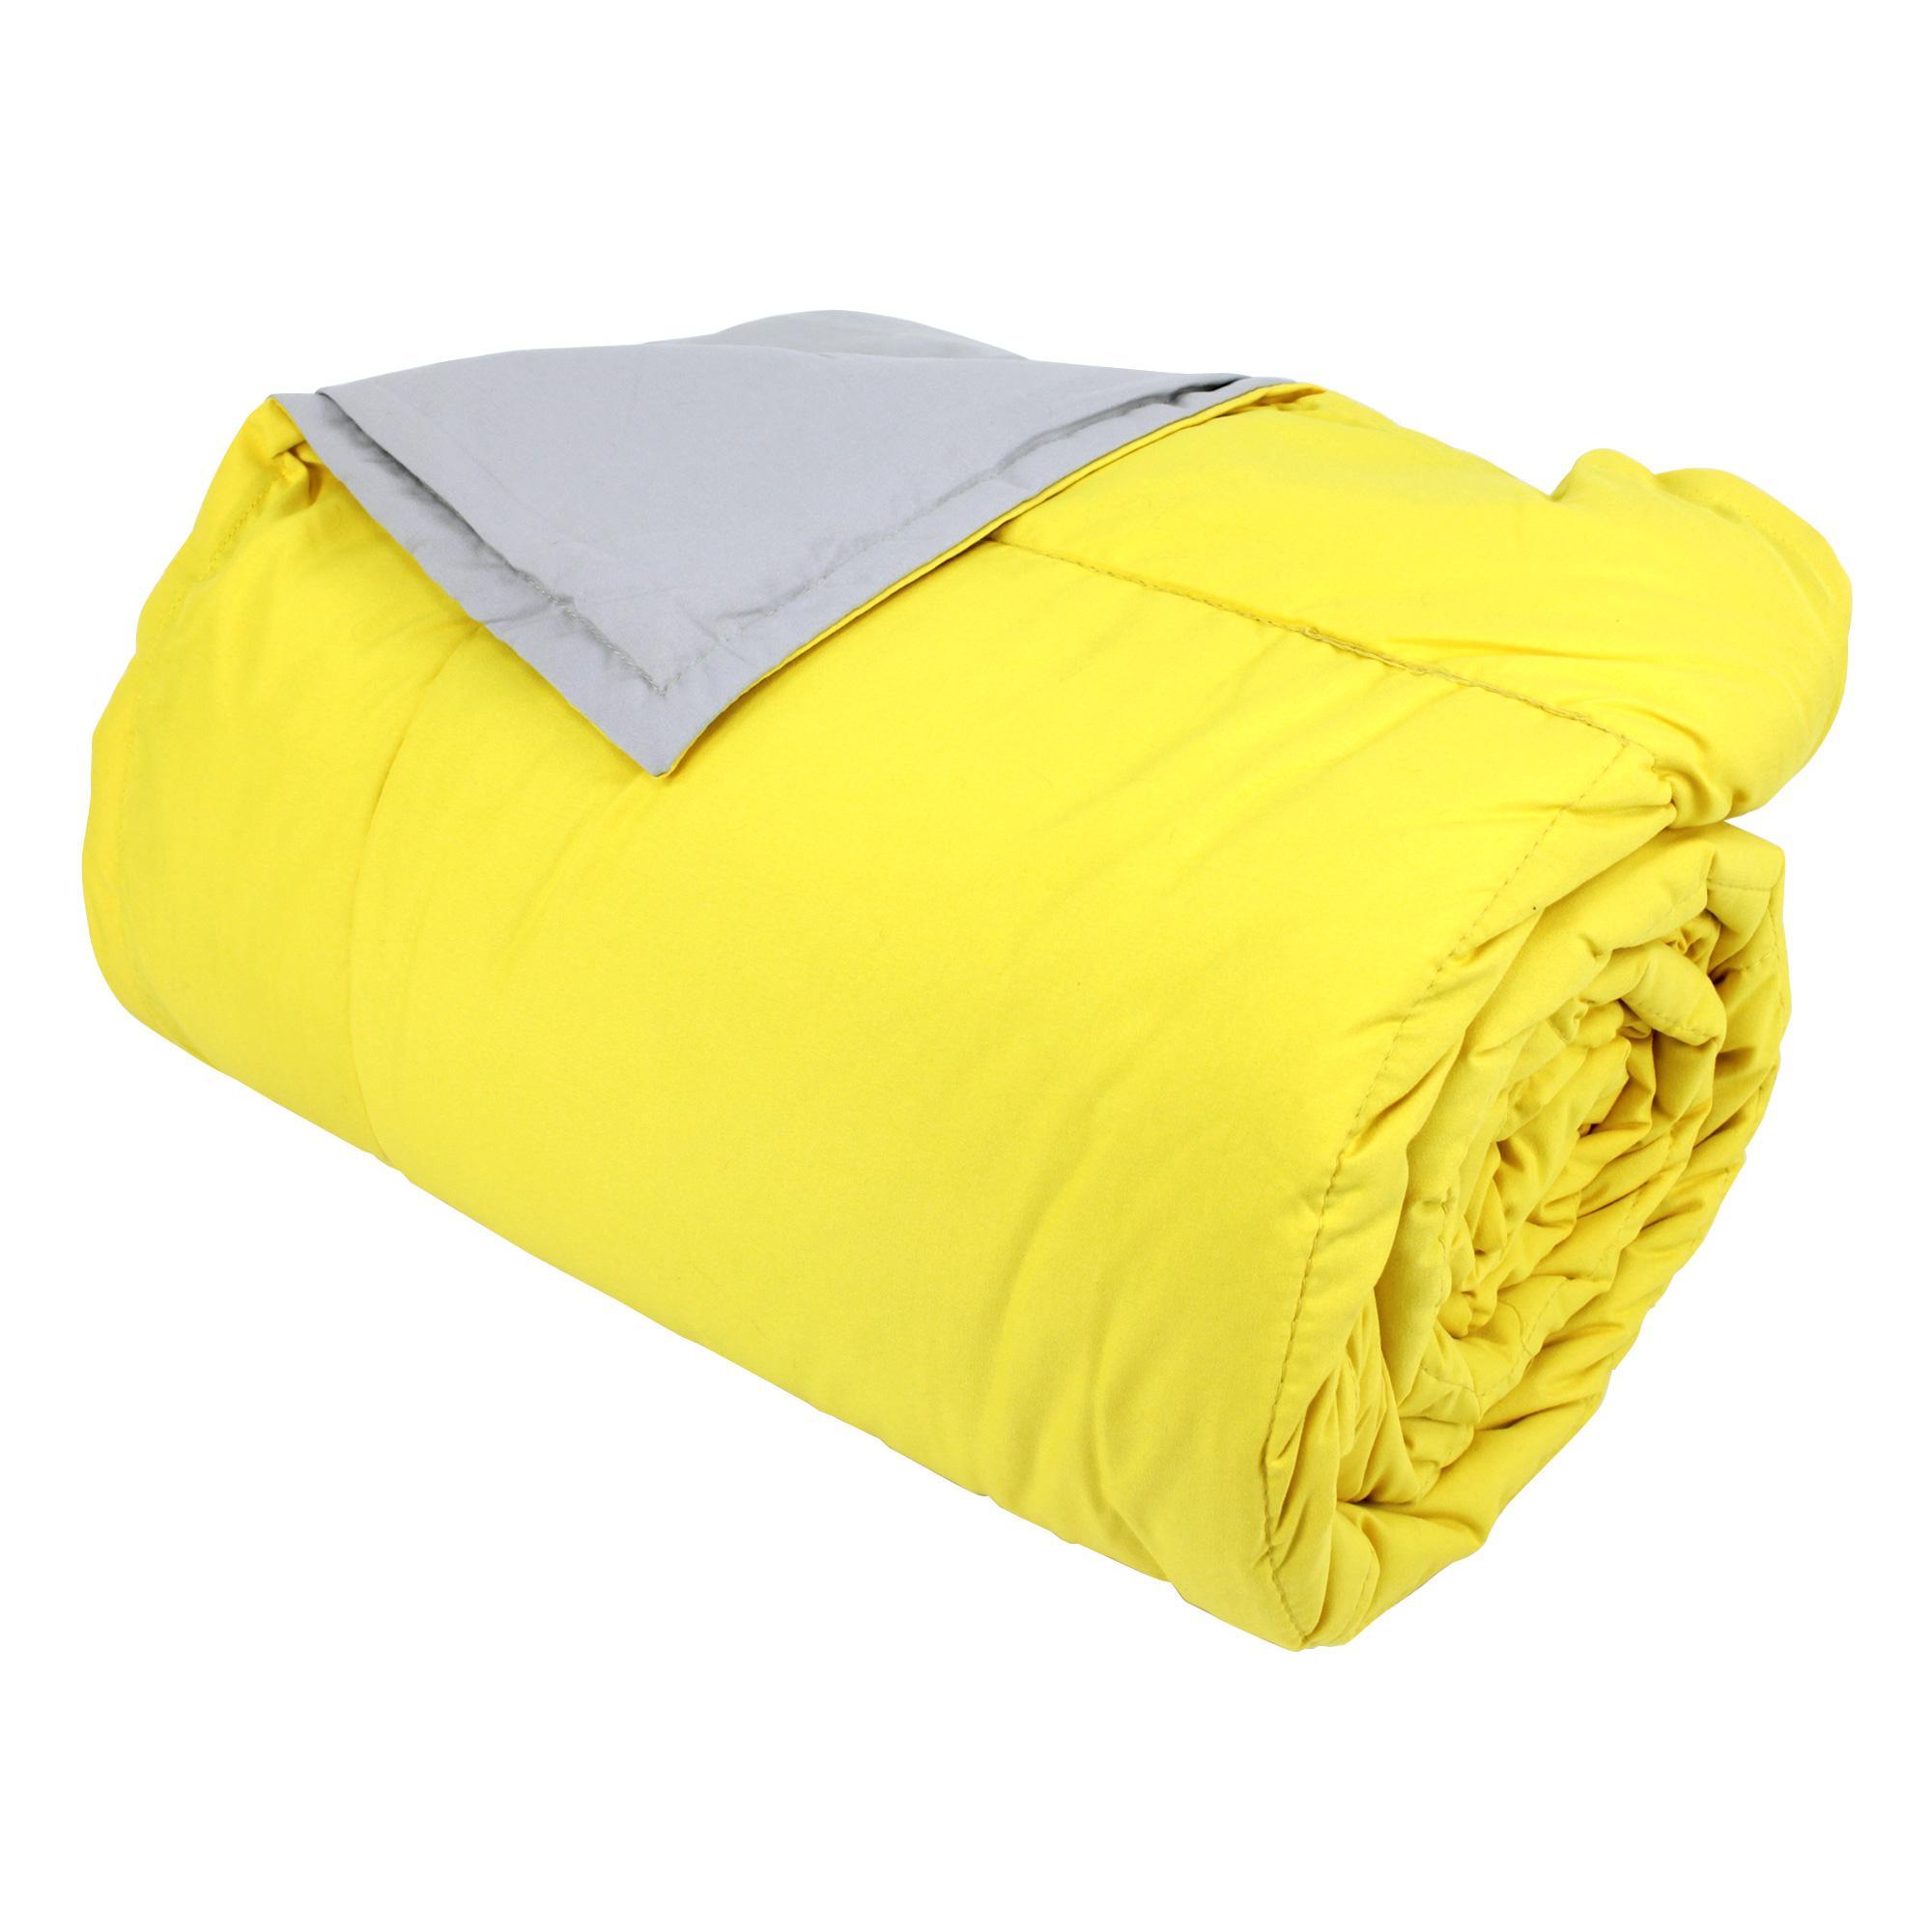 dessus de lit bicolore frisbee 240x260 cm bouton d 39 or perle linnea vente de linge de maison. Black Bedroom Furniture Sets. Home Design Ideas